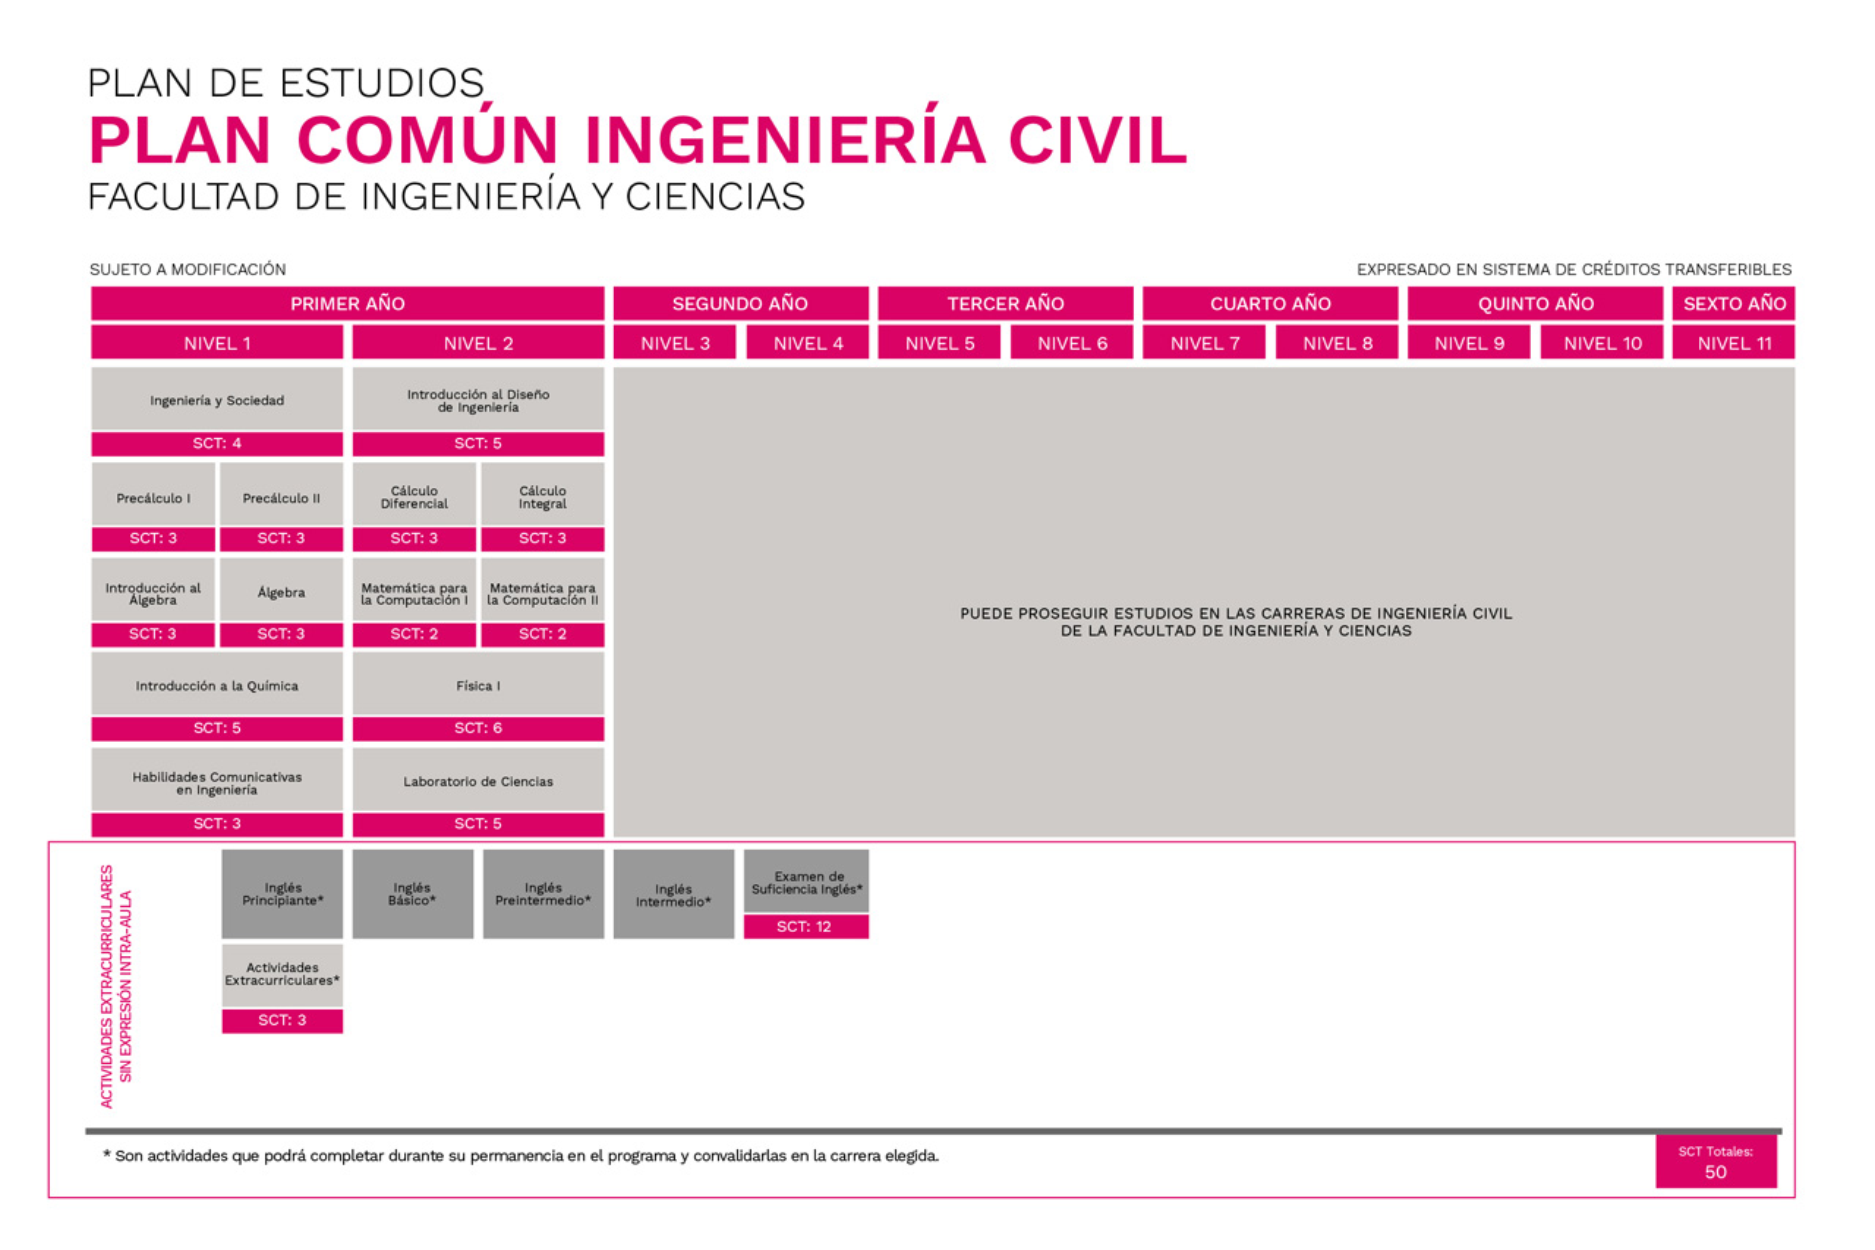 Plan Común Ingeniería Civil Universidad de La Frontera